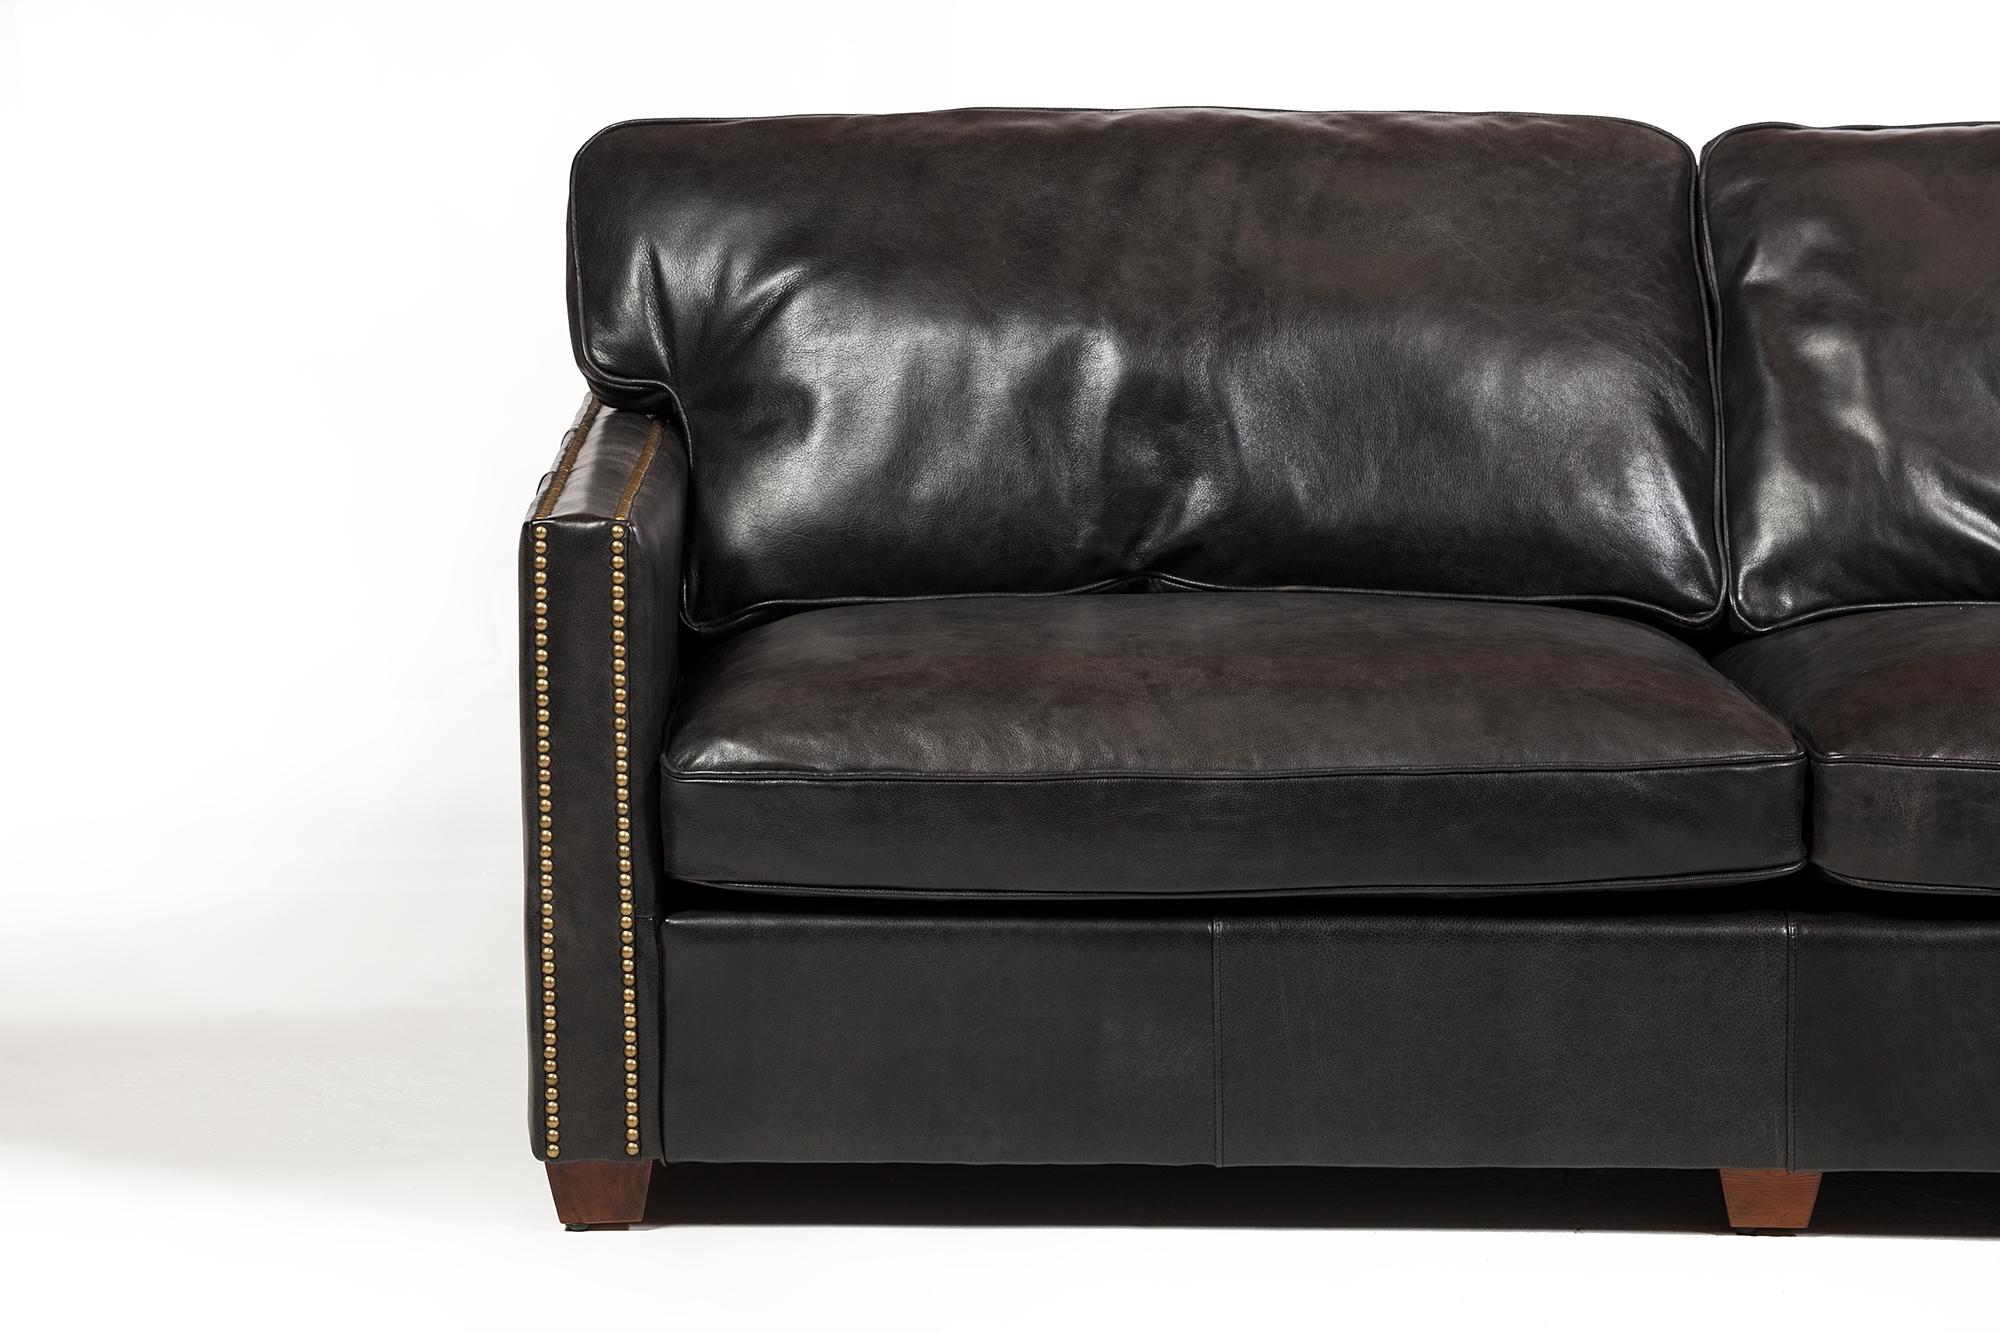 Sensational Rifkin 83 Black Leather Sofa Short Links Chair Design For Home Short Linksinfo